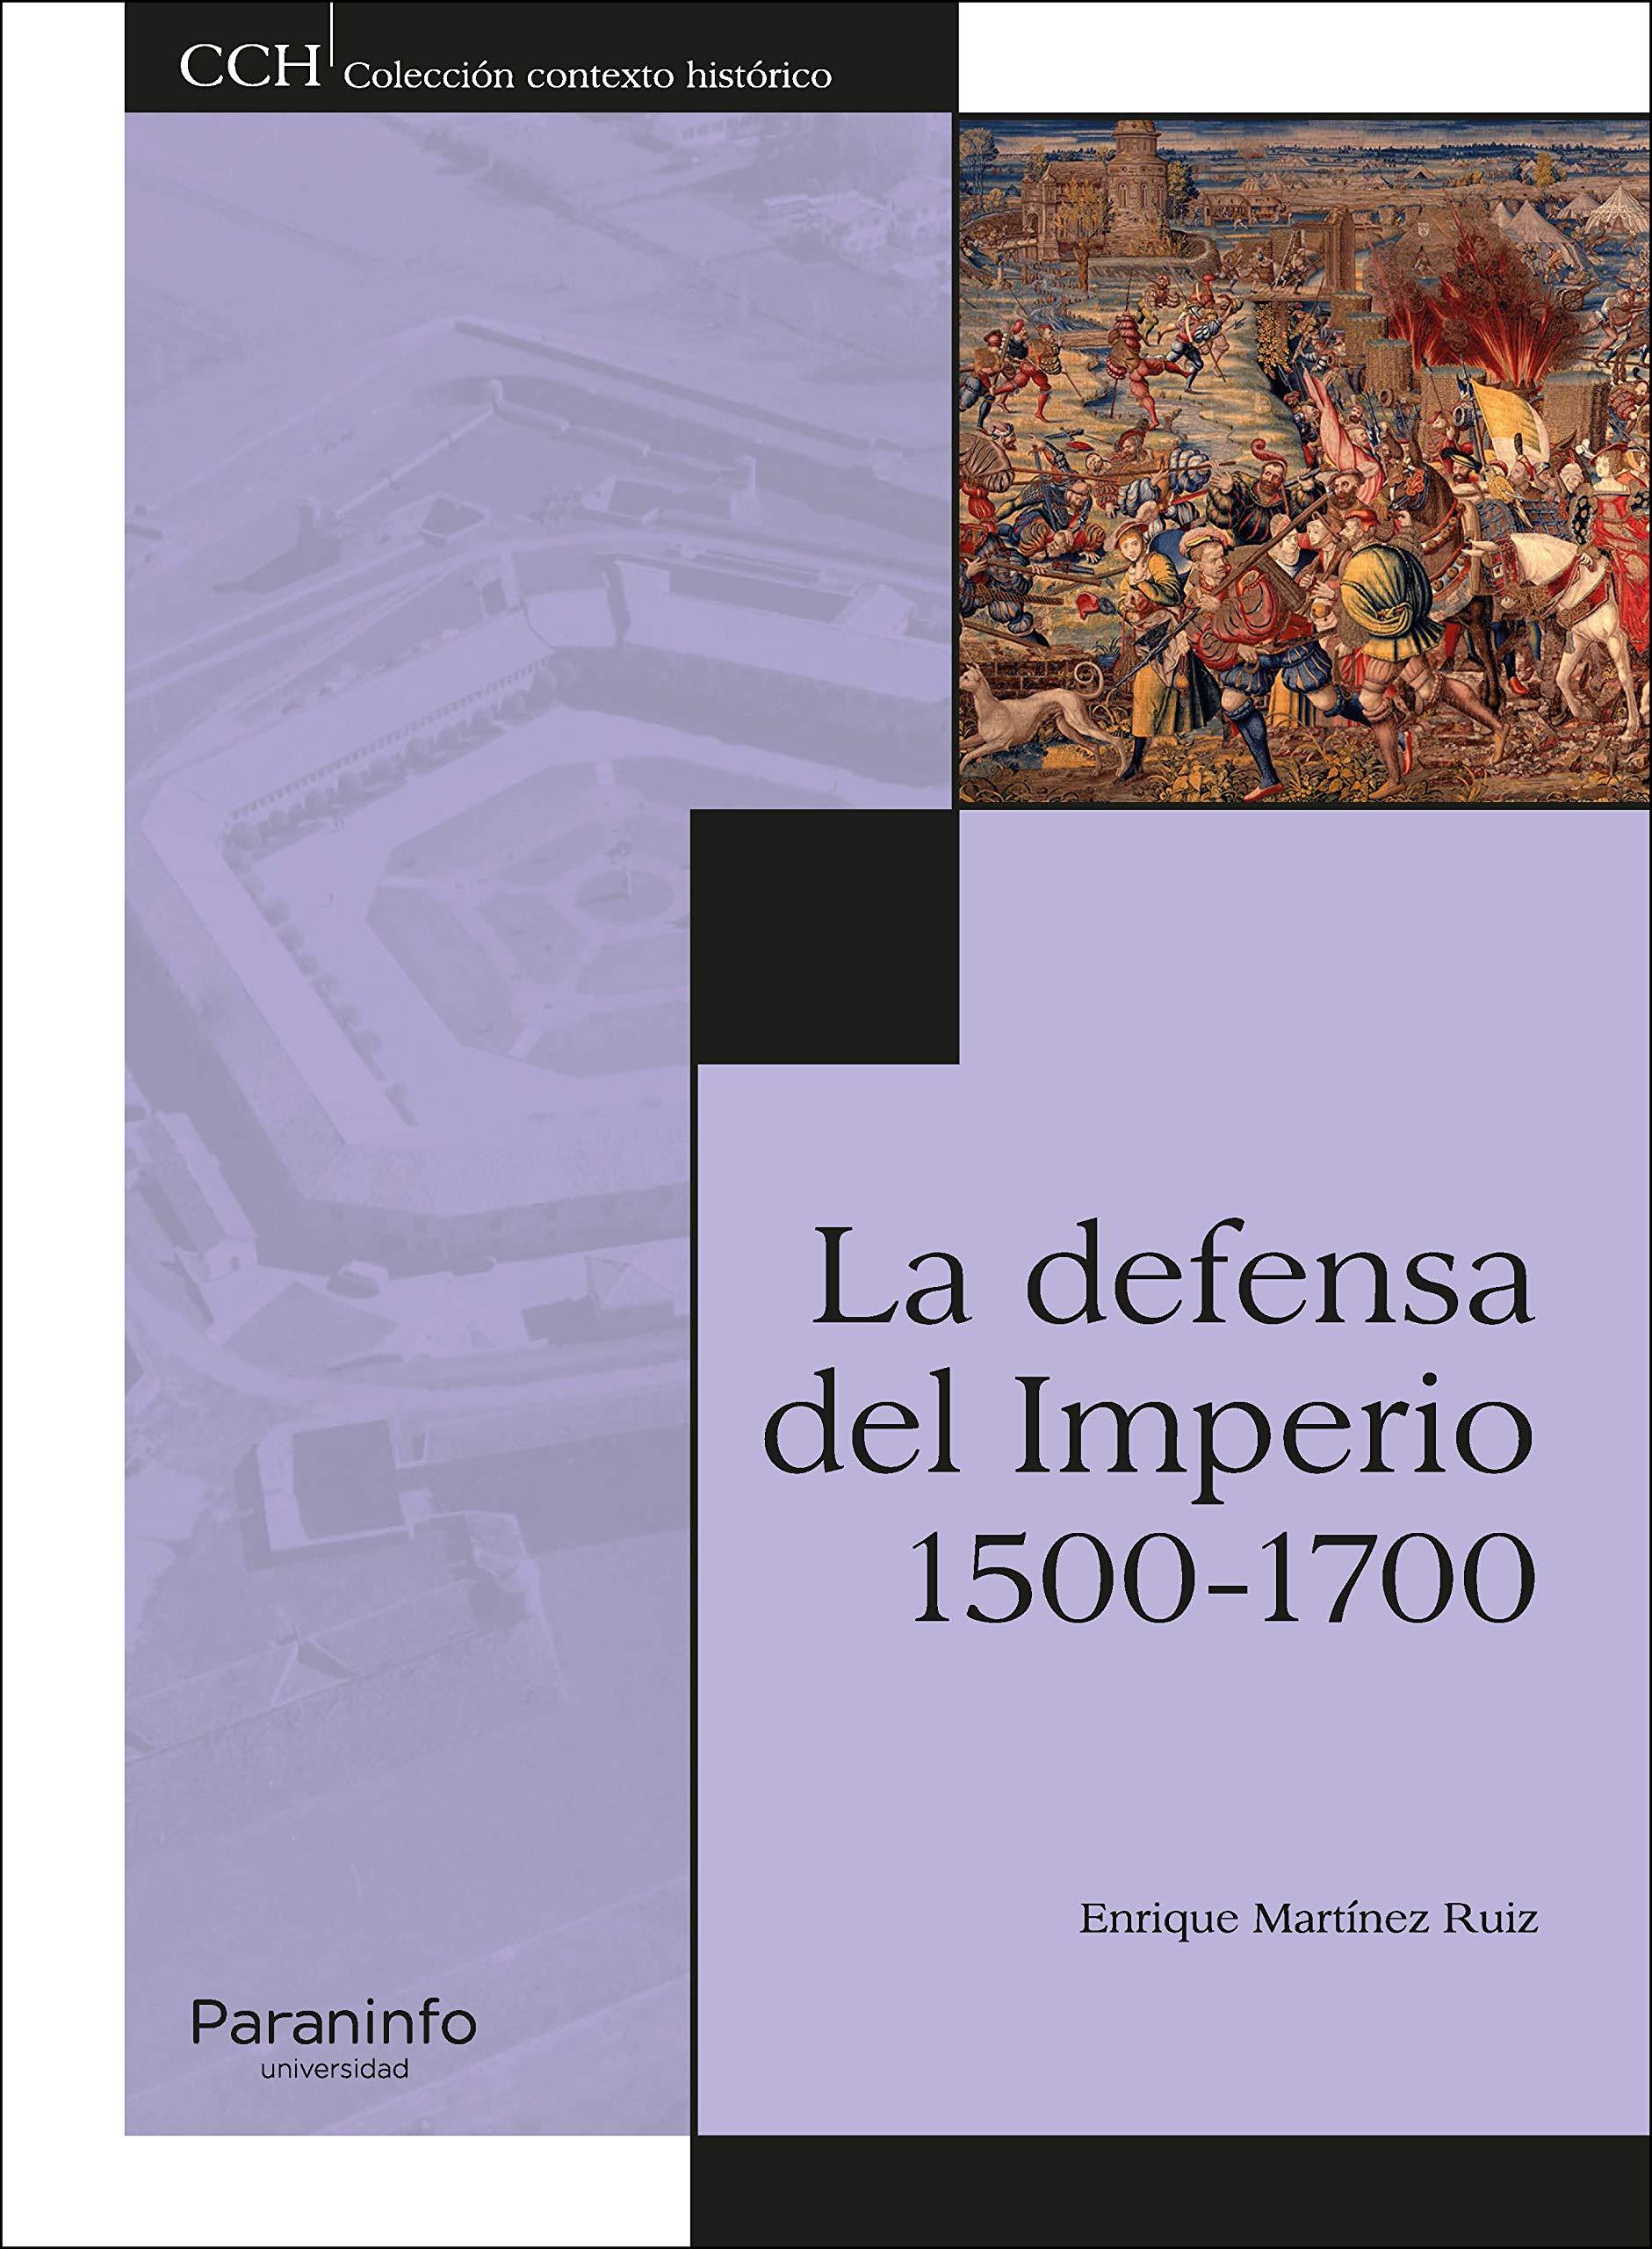 La defensa del Imperio. 1500-1700: Amazon.es: MARTÍNEZ RUIZ ...